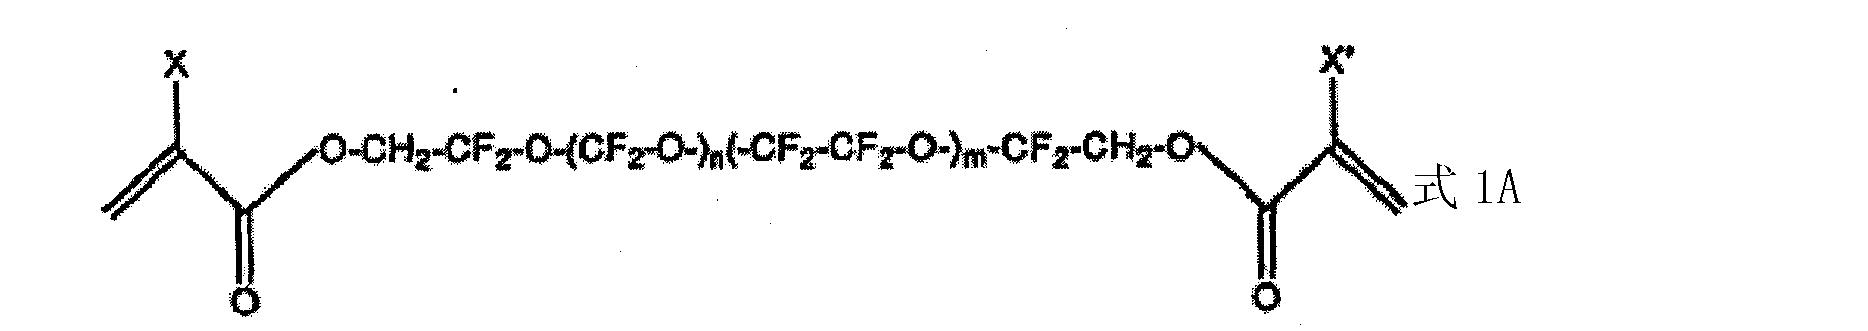 Figure CN101479662BC00021